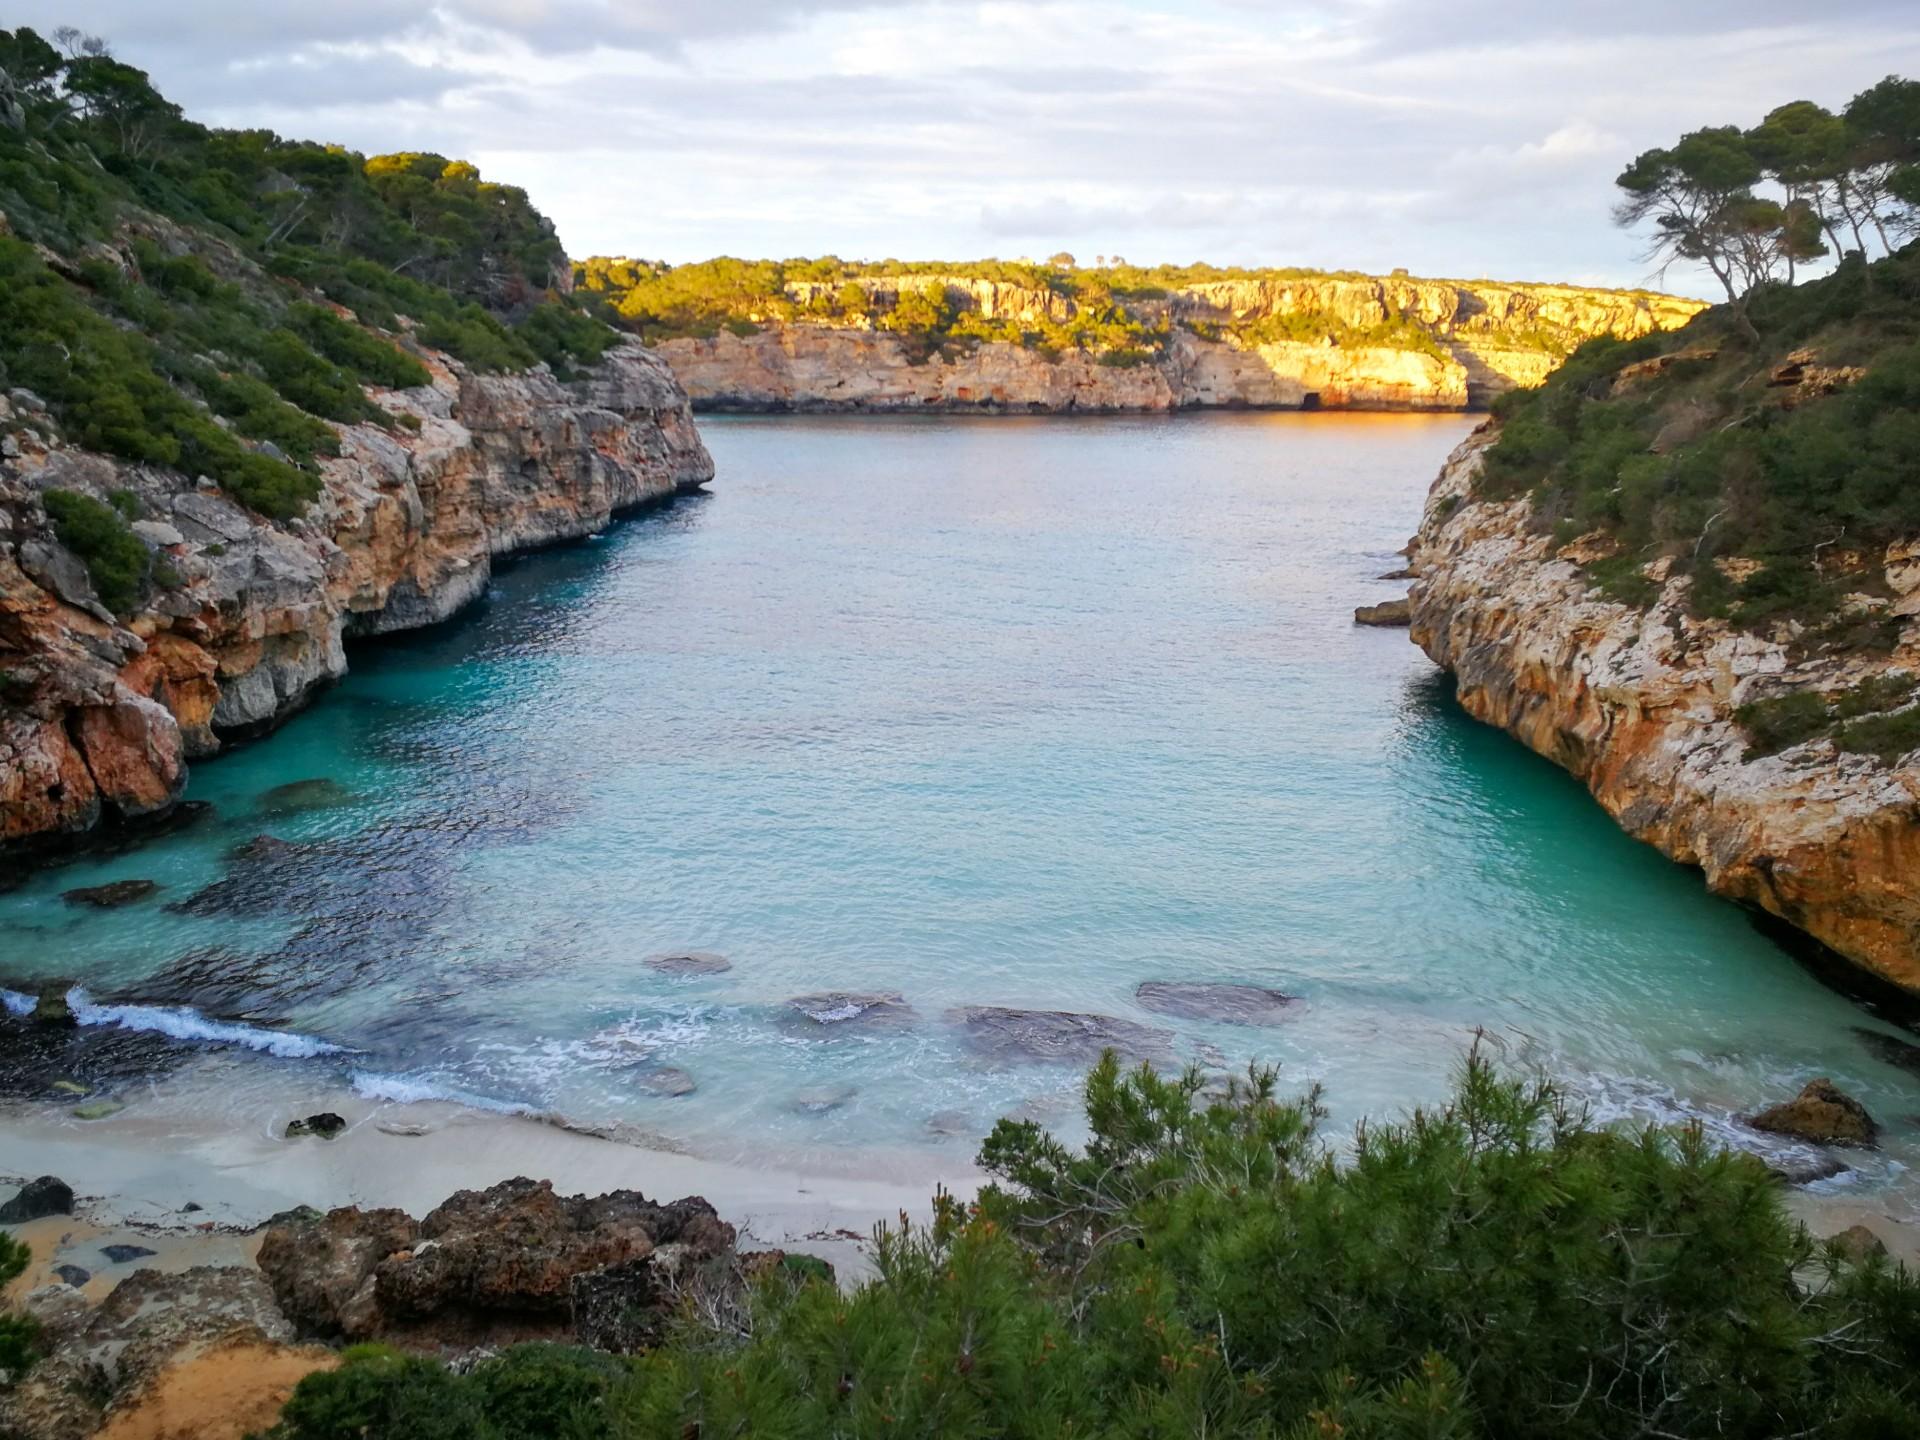 Jedinečná pláž Caló des Moró na Mallorce